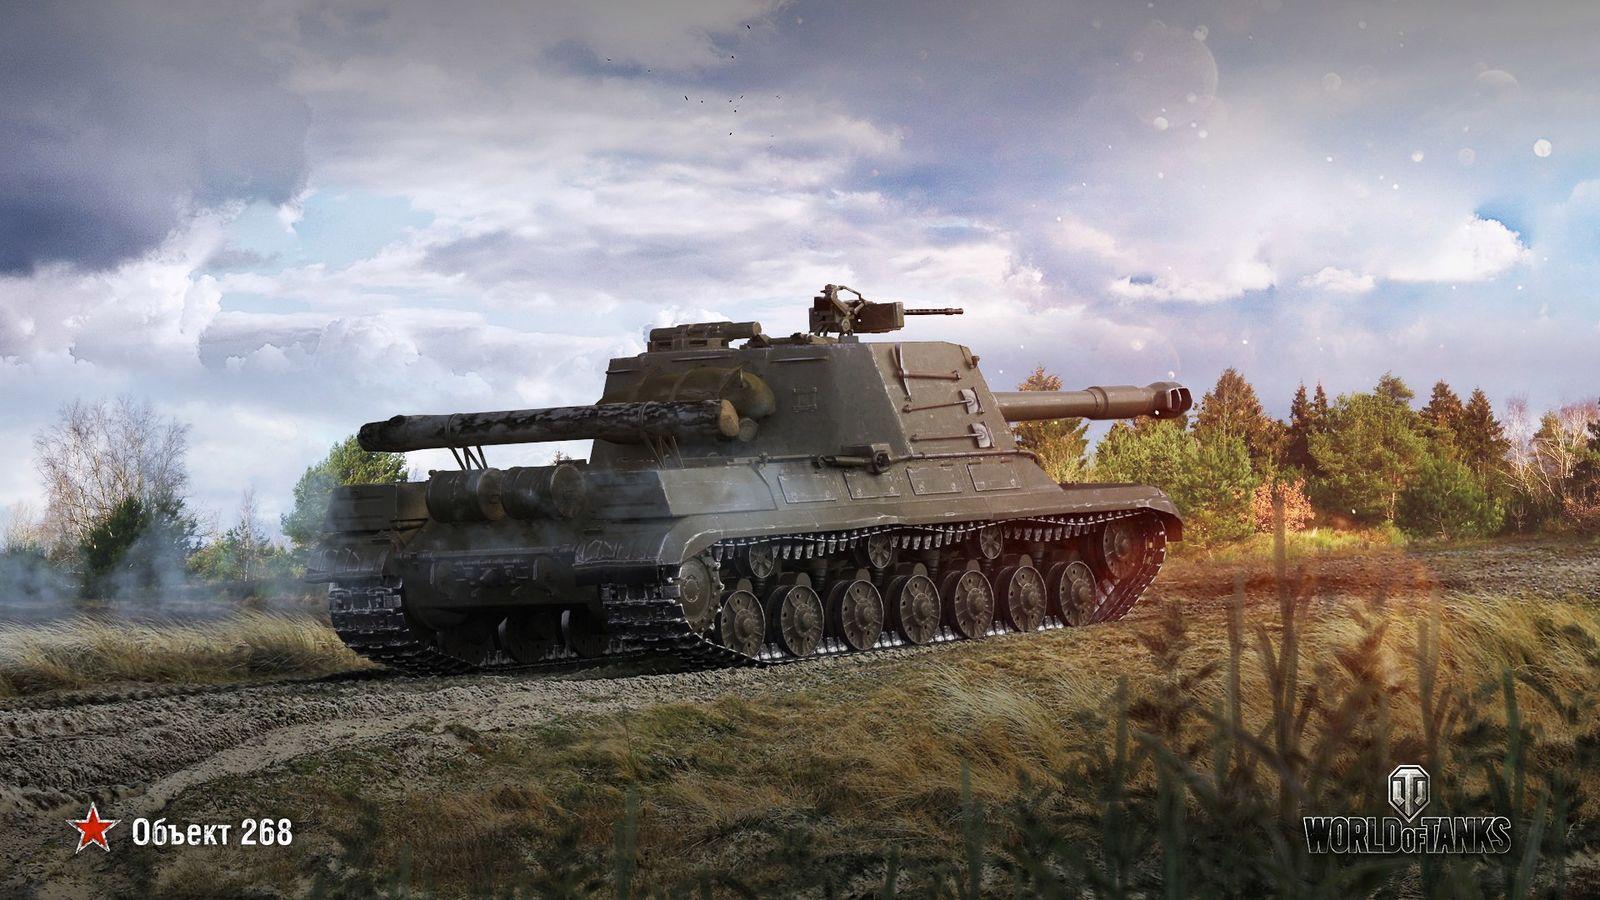 Объект 268 в бою